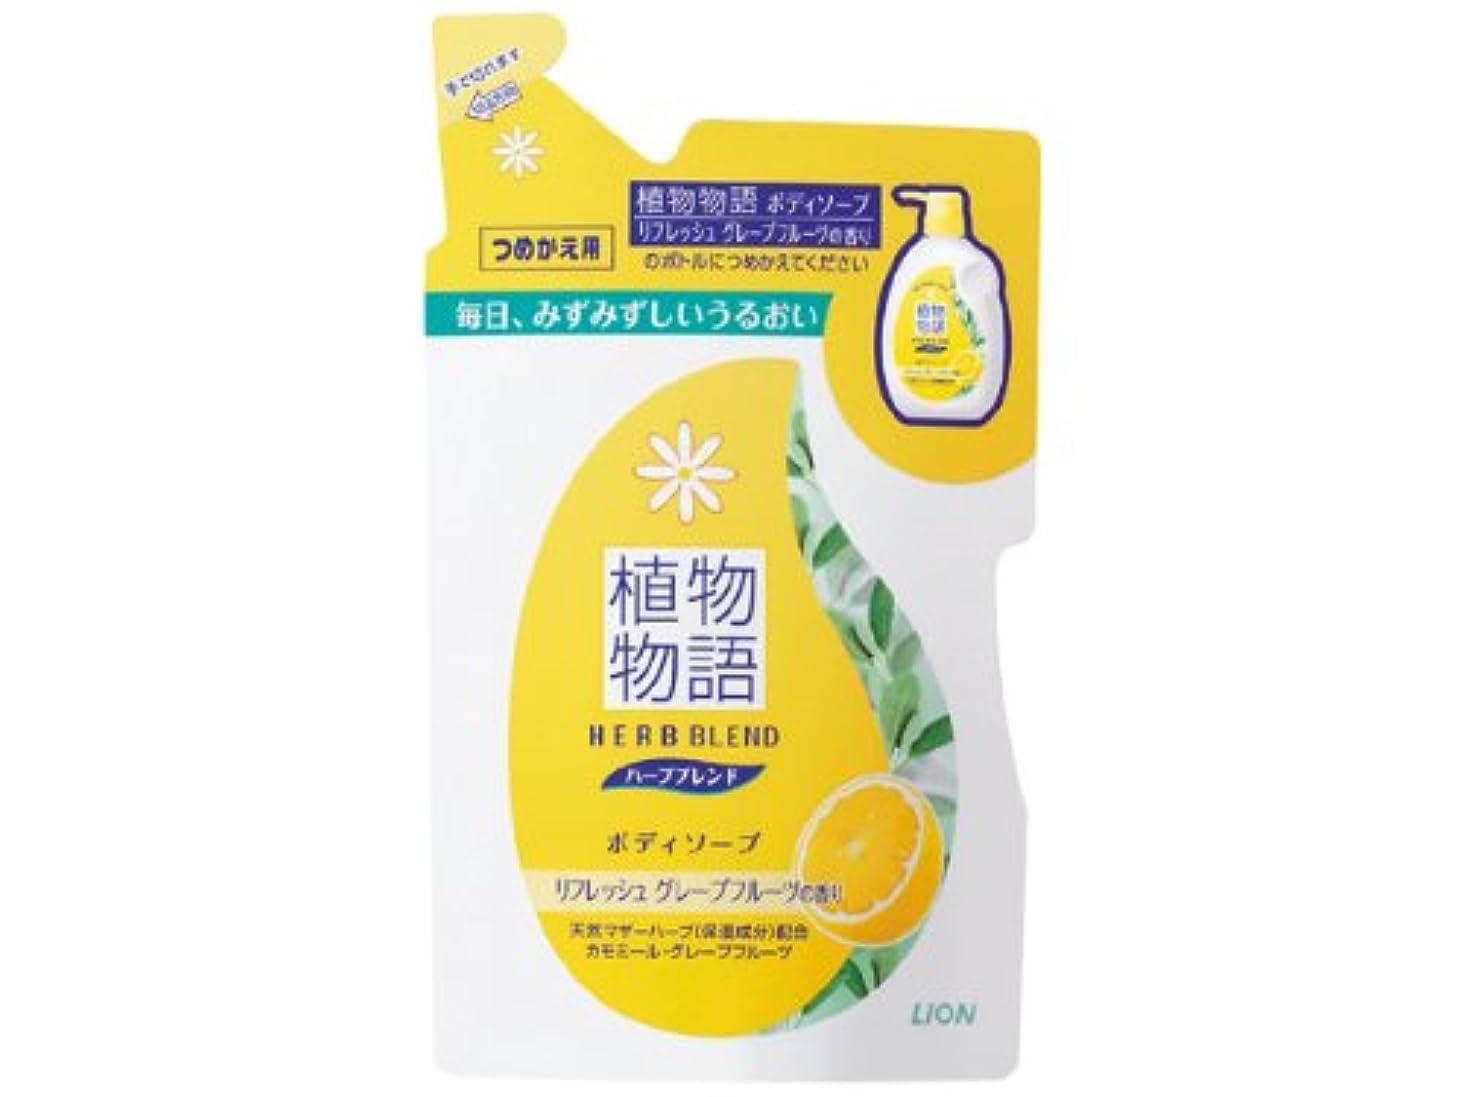 動機付ける薬用出費植物物語 ハーブブレンド ボディソープ リフレッシュグレープフルーツの香り つめかえ用 420ml